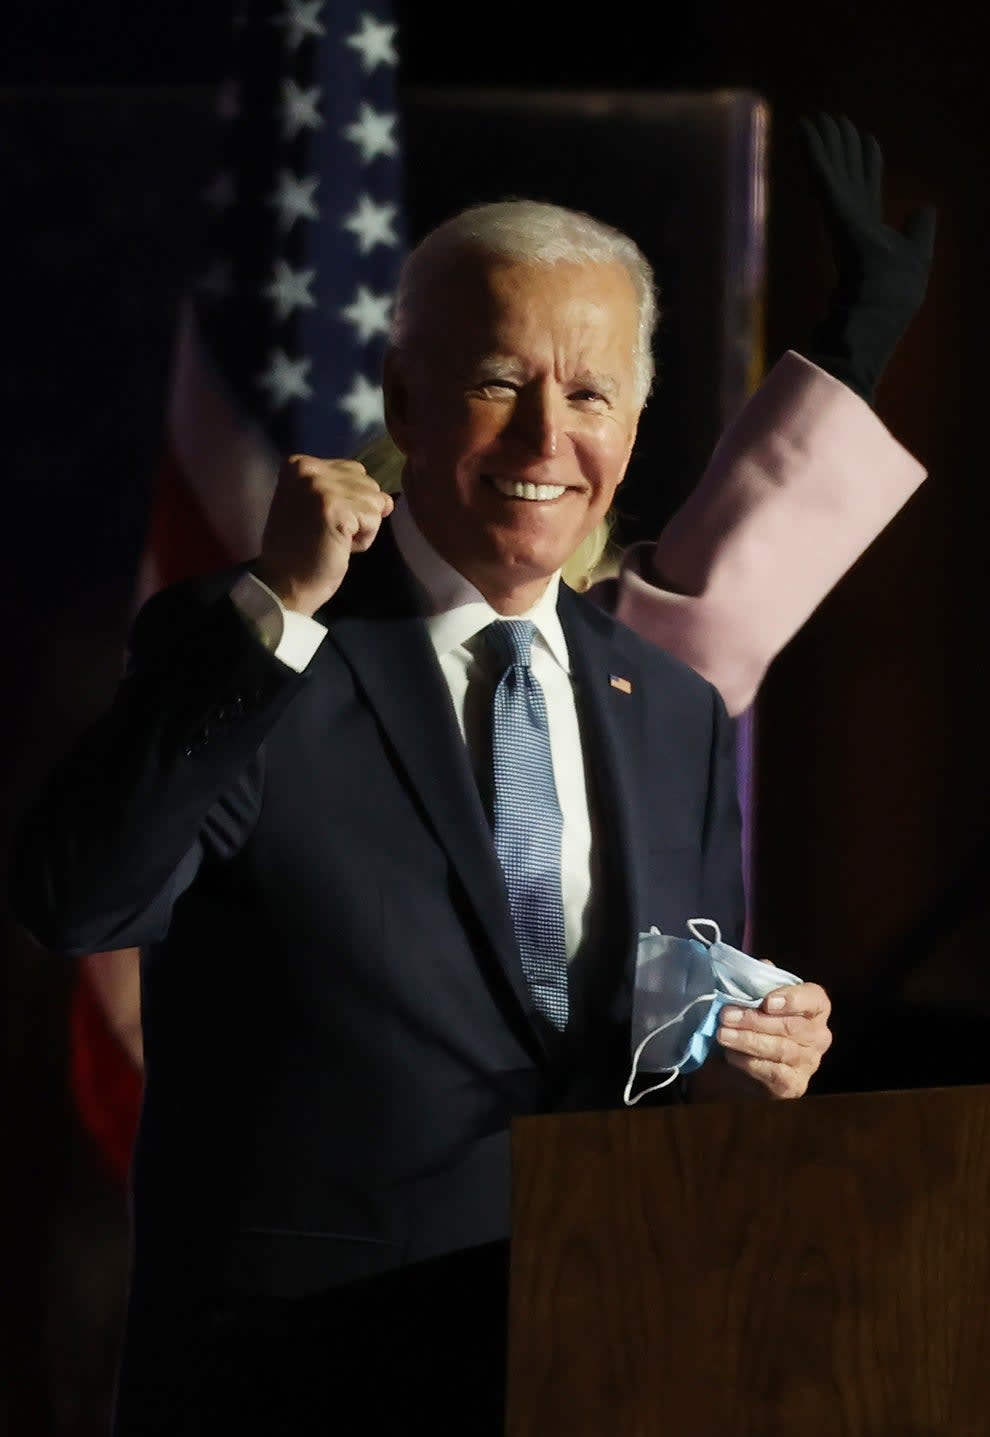 Biden sorrindo e com um punho levantado